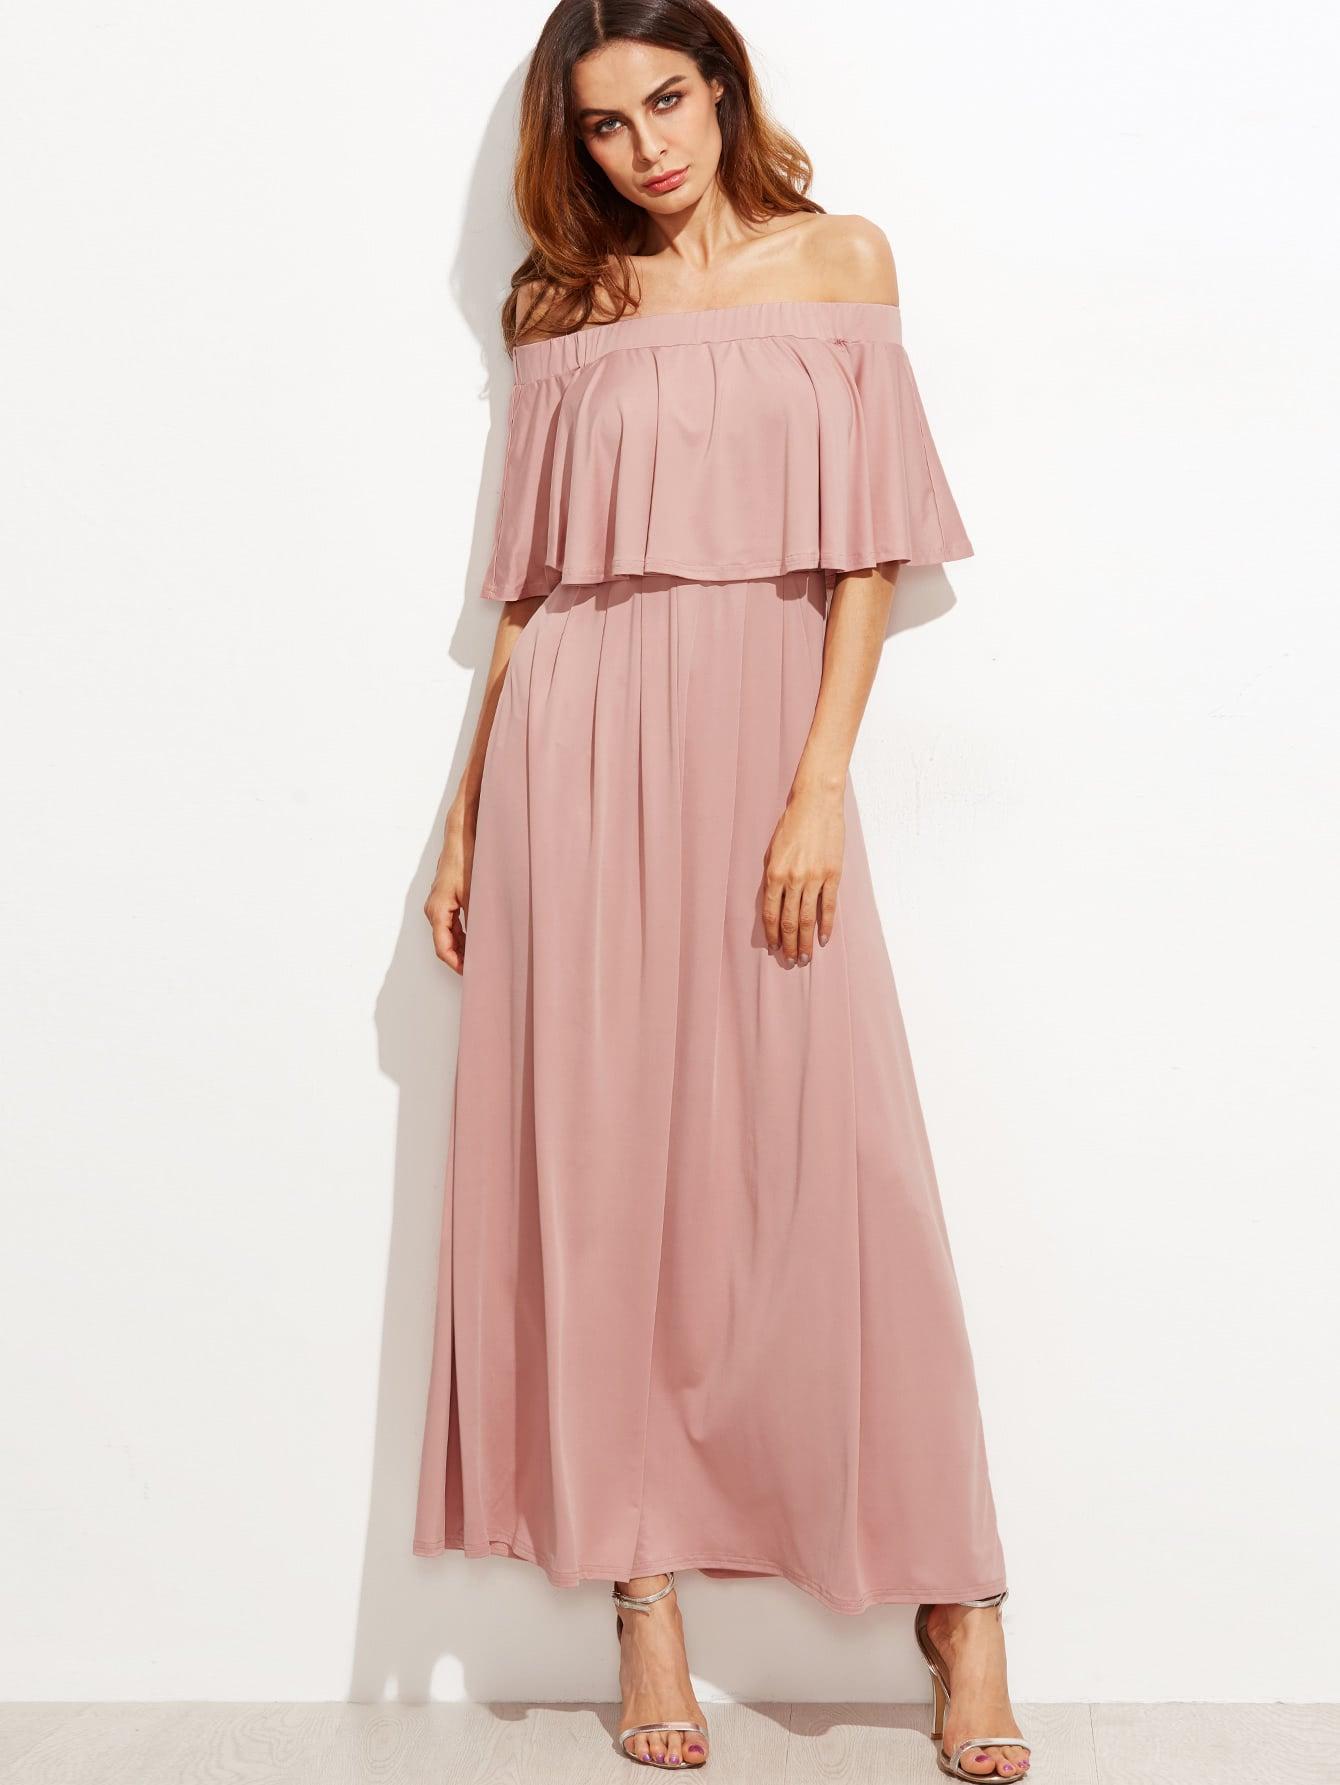 Flounce Layered Neckline Dress